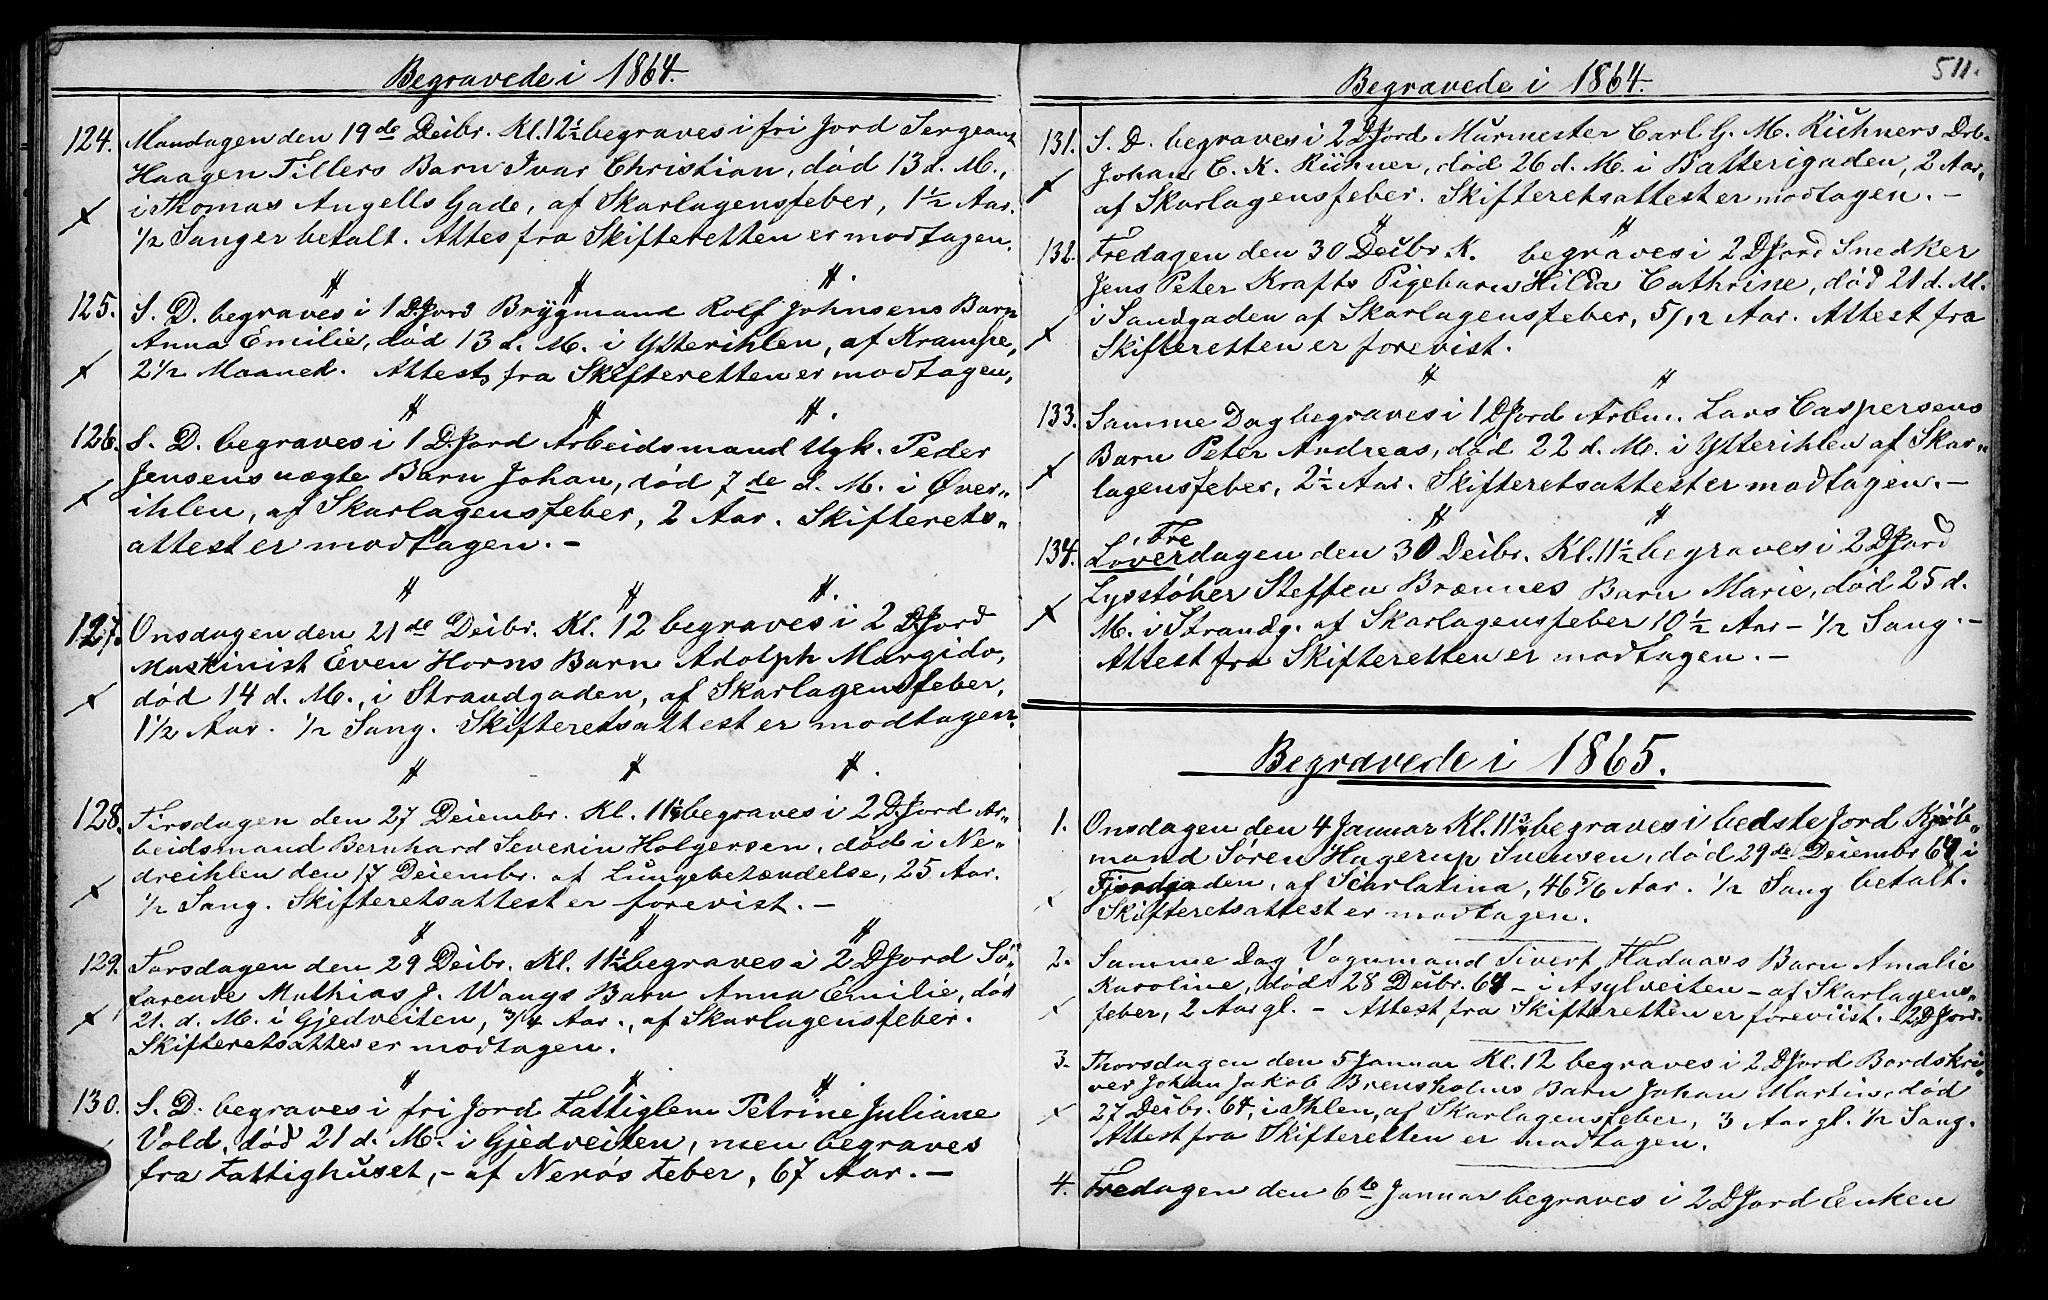 SAT, Ministerialprotokoller, klokkerbøker og fødselsregistre - Sør-Trøndelag, 602/L0140: Klokkerbok nr. 602C08, 1864-1872, s. 510-511